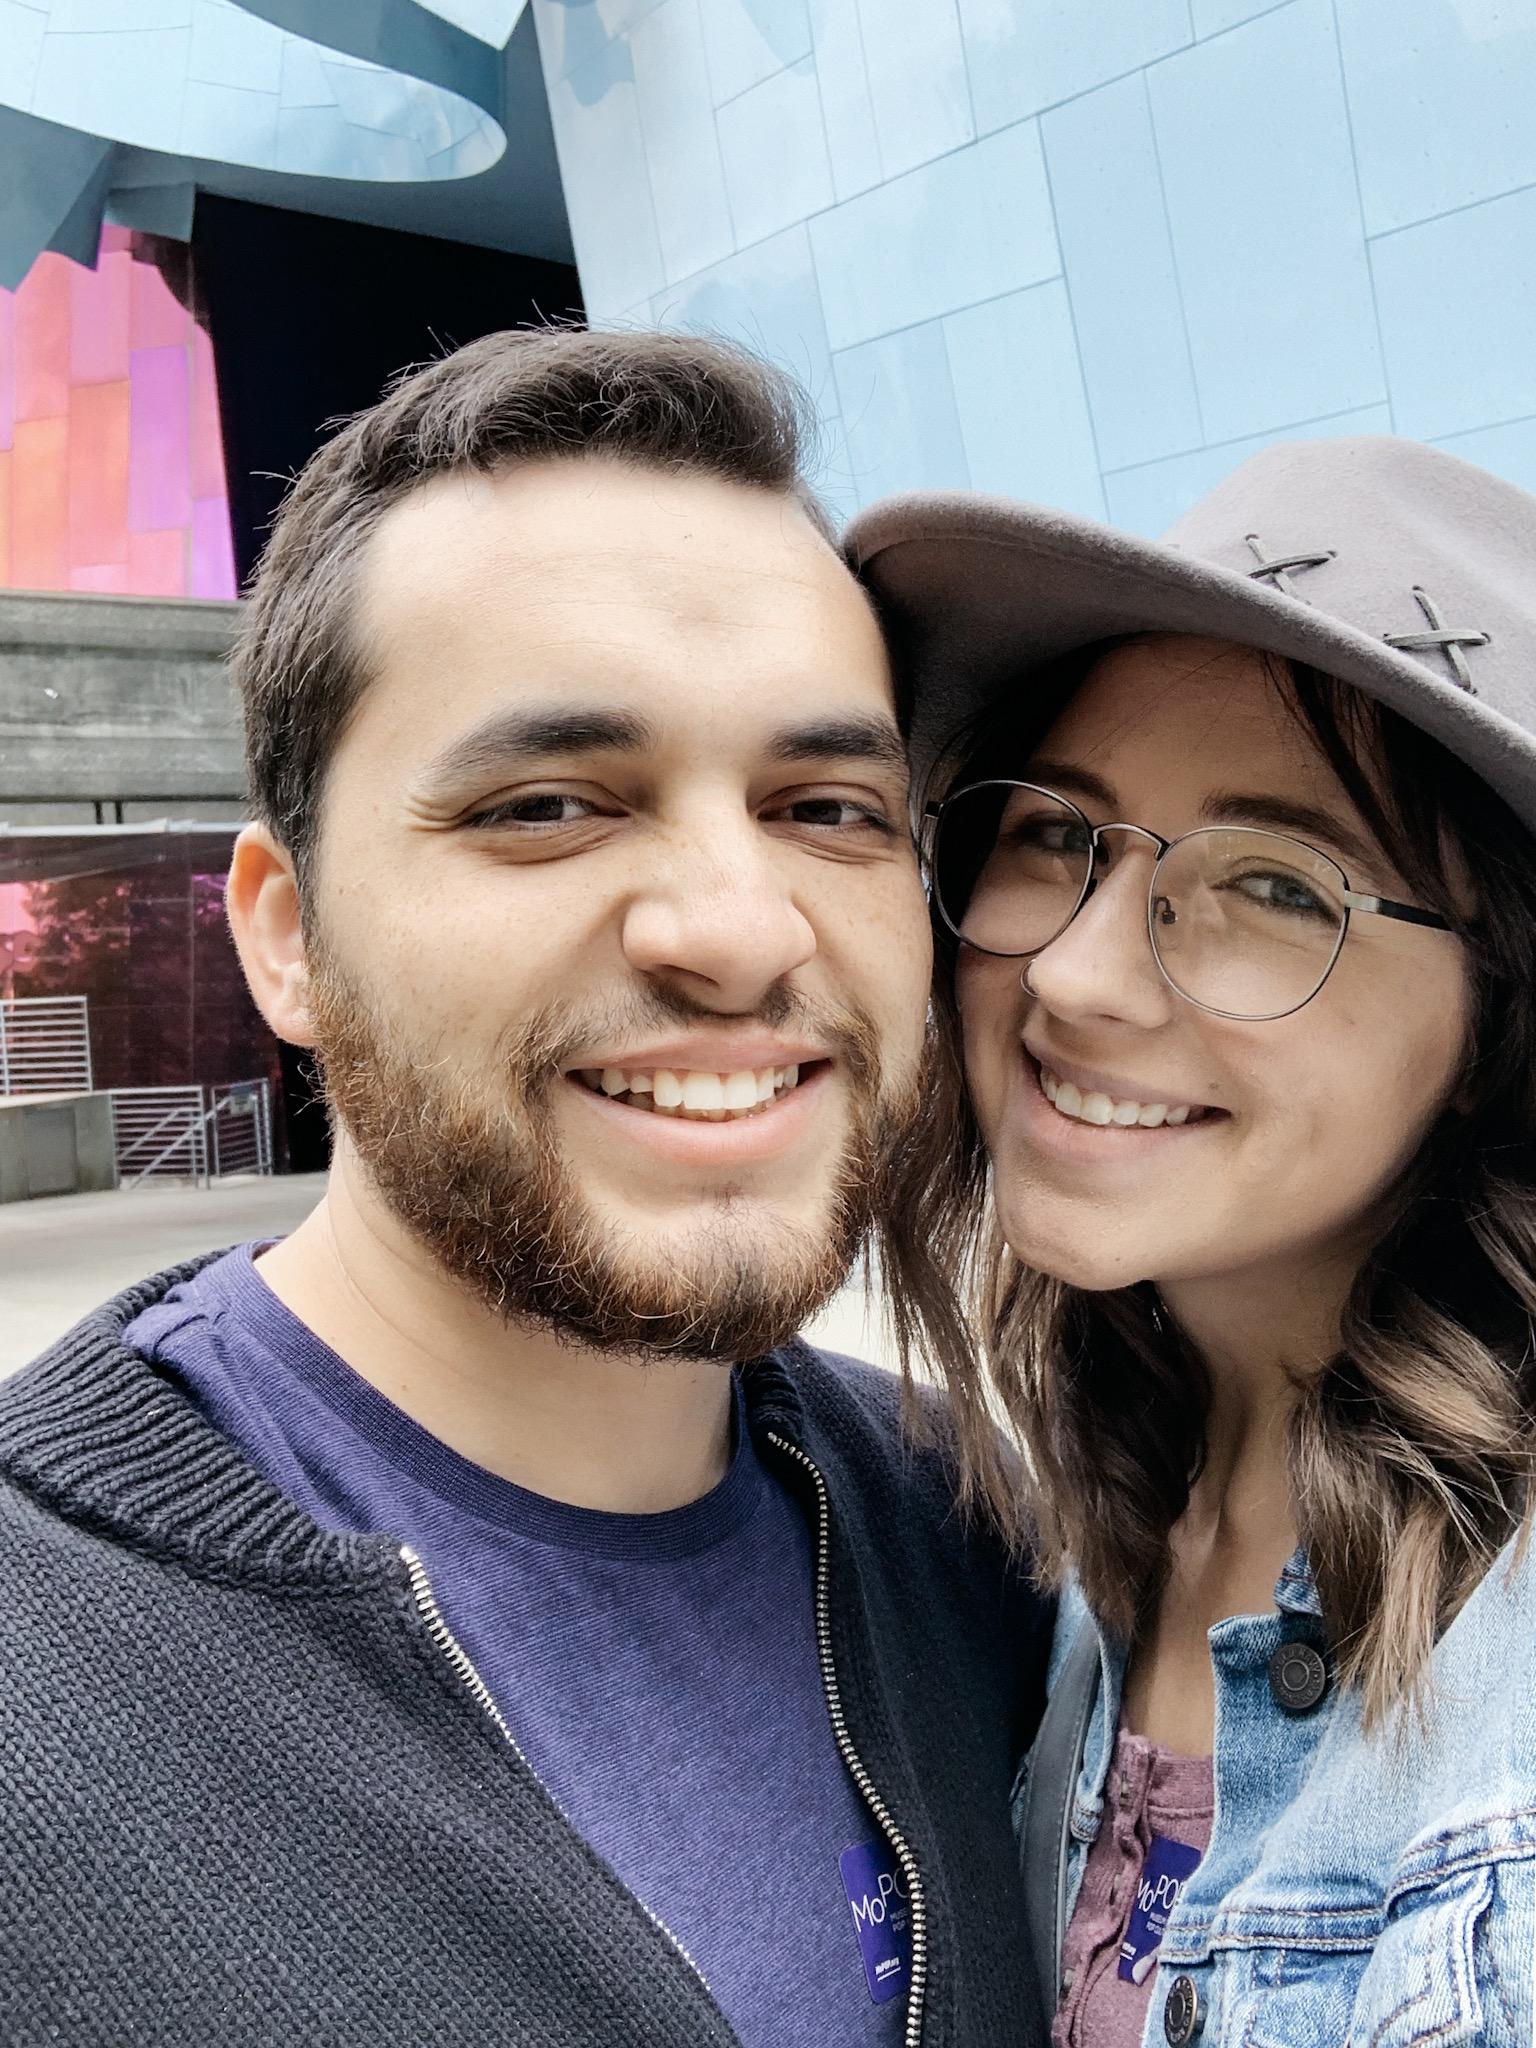 Seattle July 2019